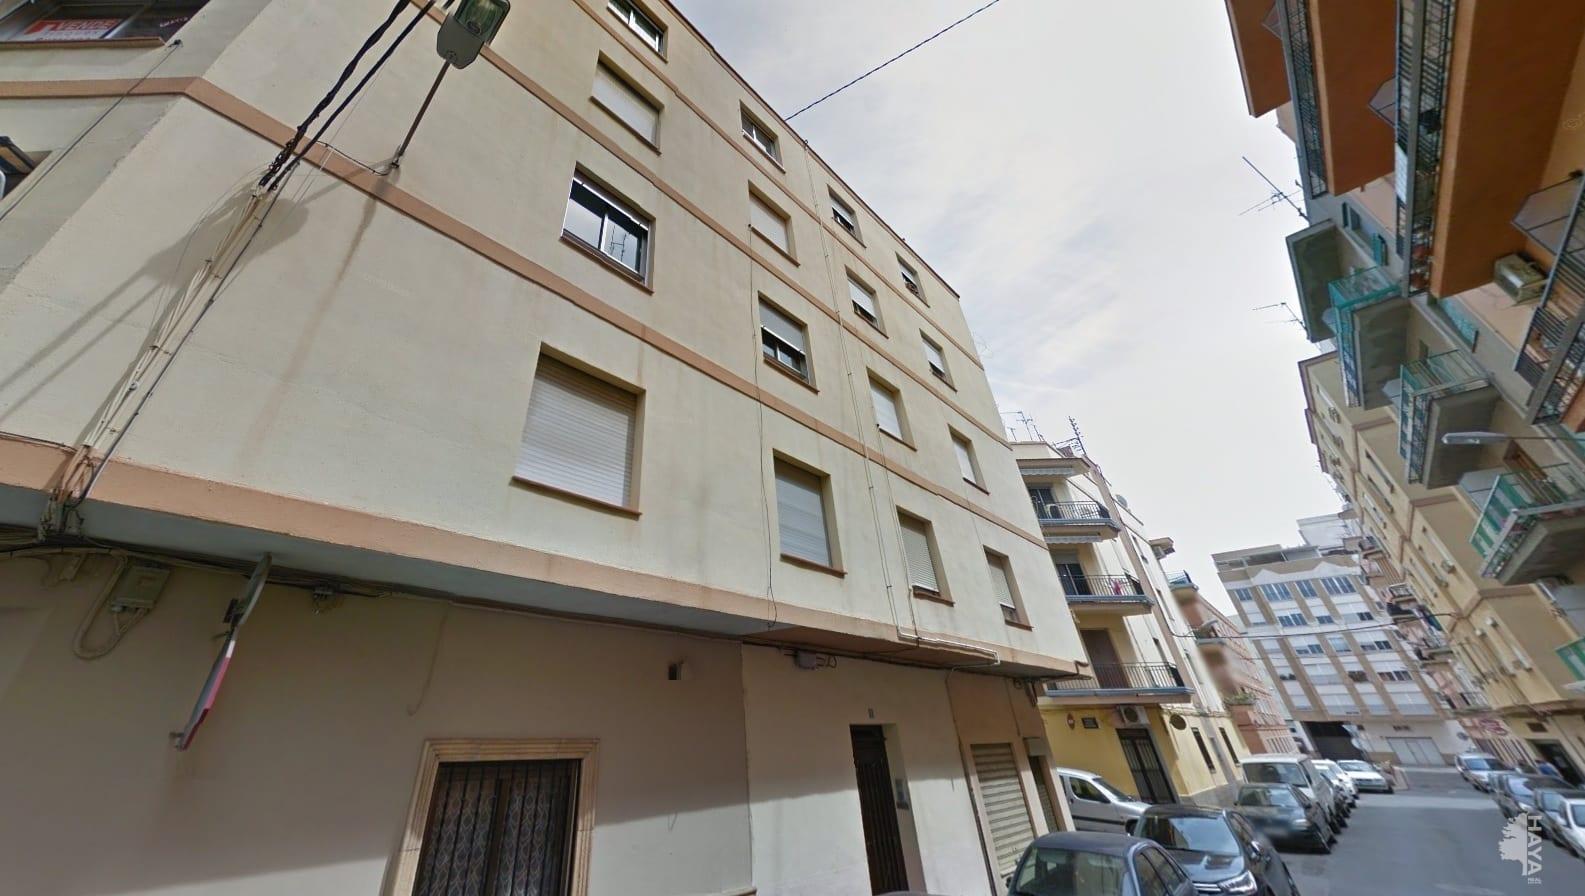 Piso en venta en Poblados Marítimos, Burriana, Castellón, Calle Ruben Dario, 60.800 €, 2 habitaciones, 1 baño, 85 m2